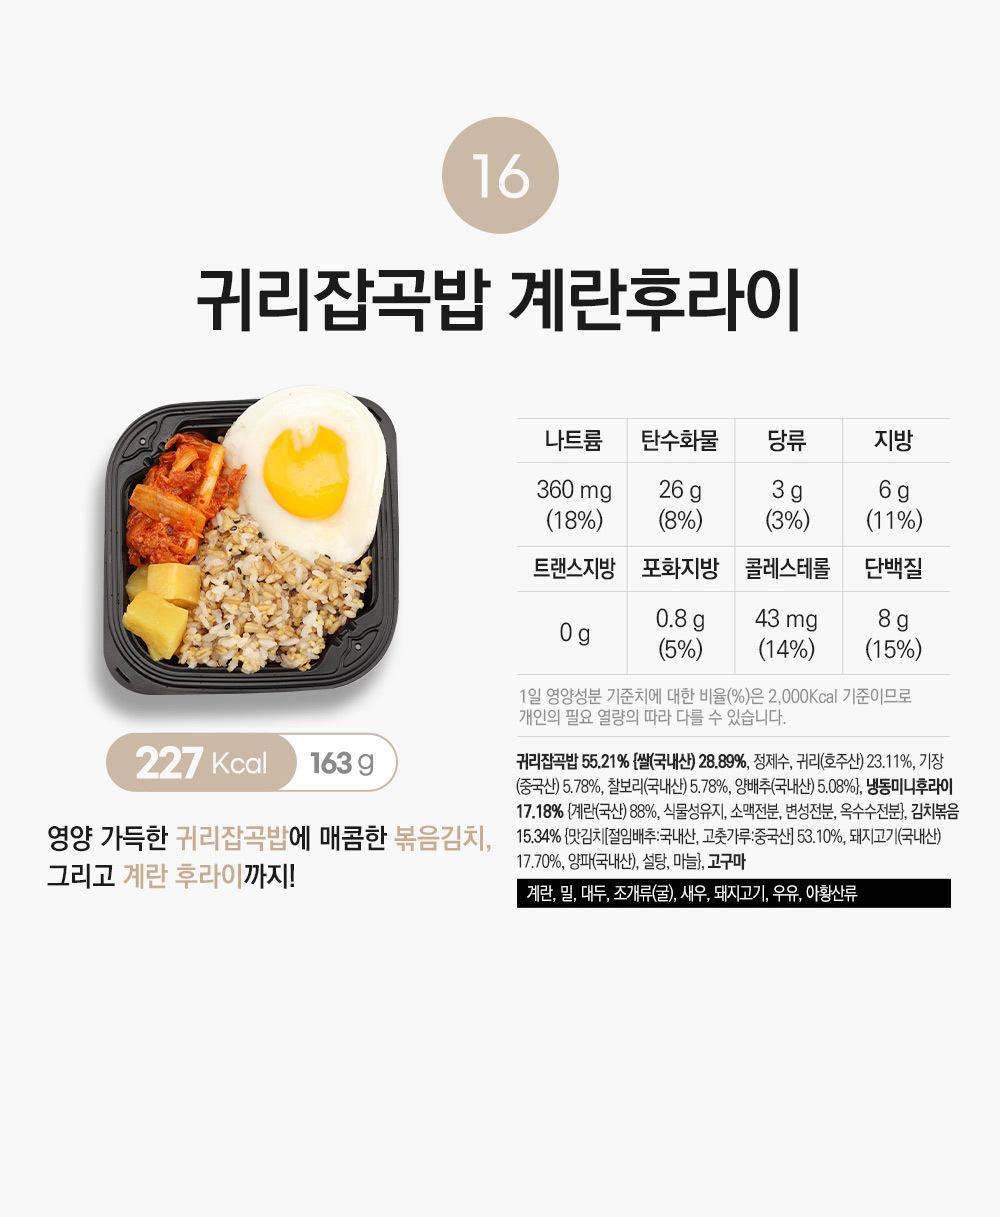 귀리잡곡밥 계란후라이